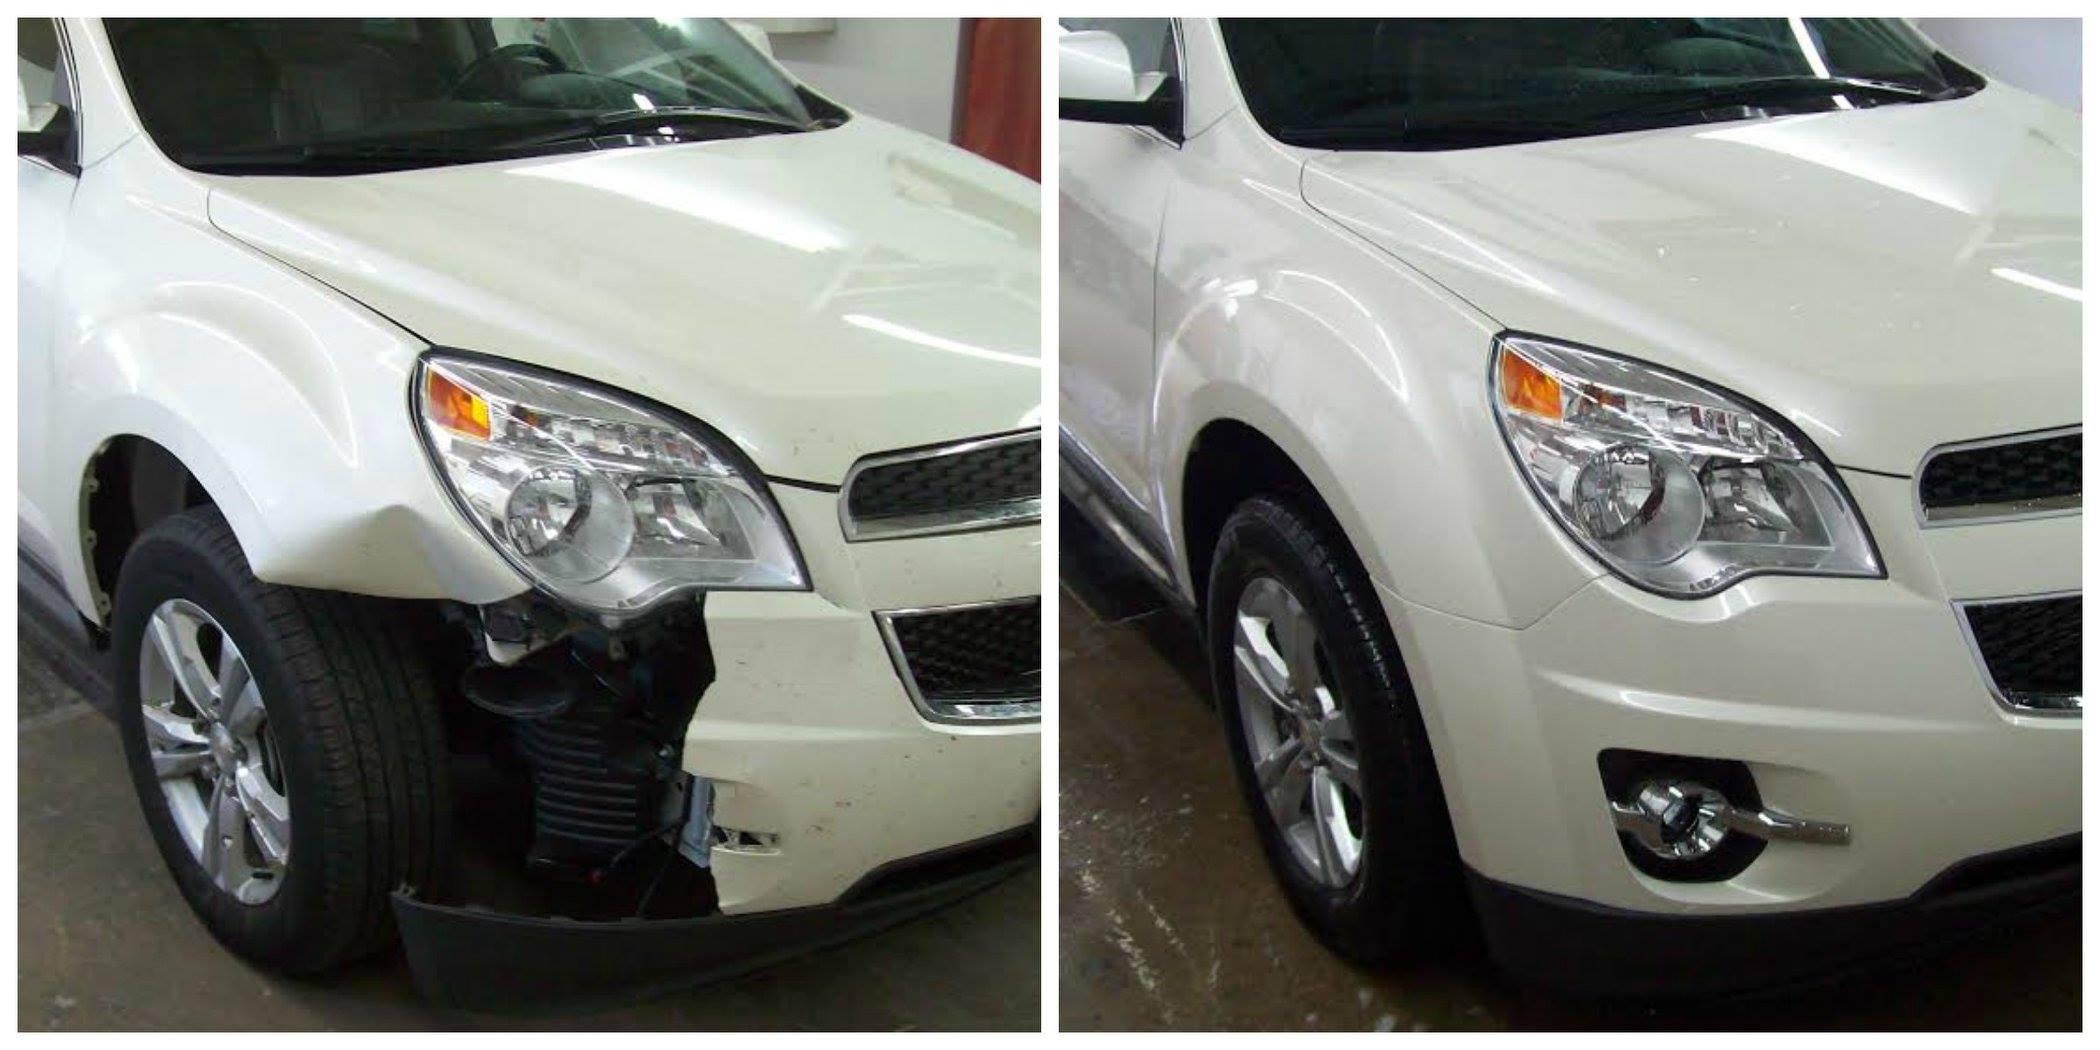 Auto body services in Buffalo